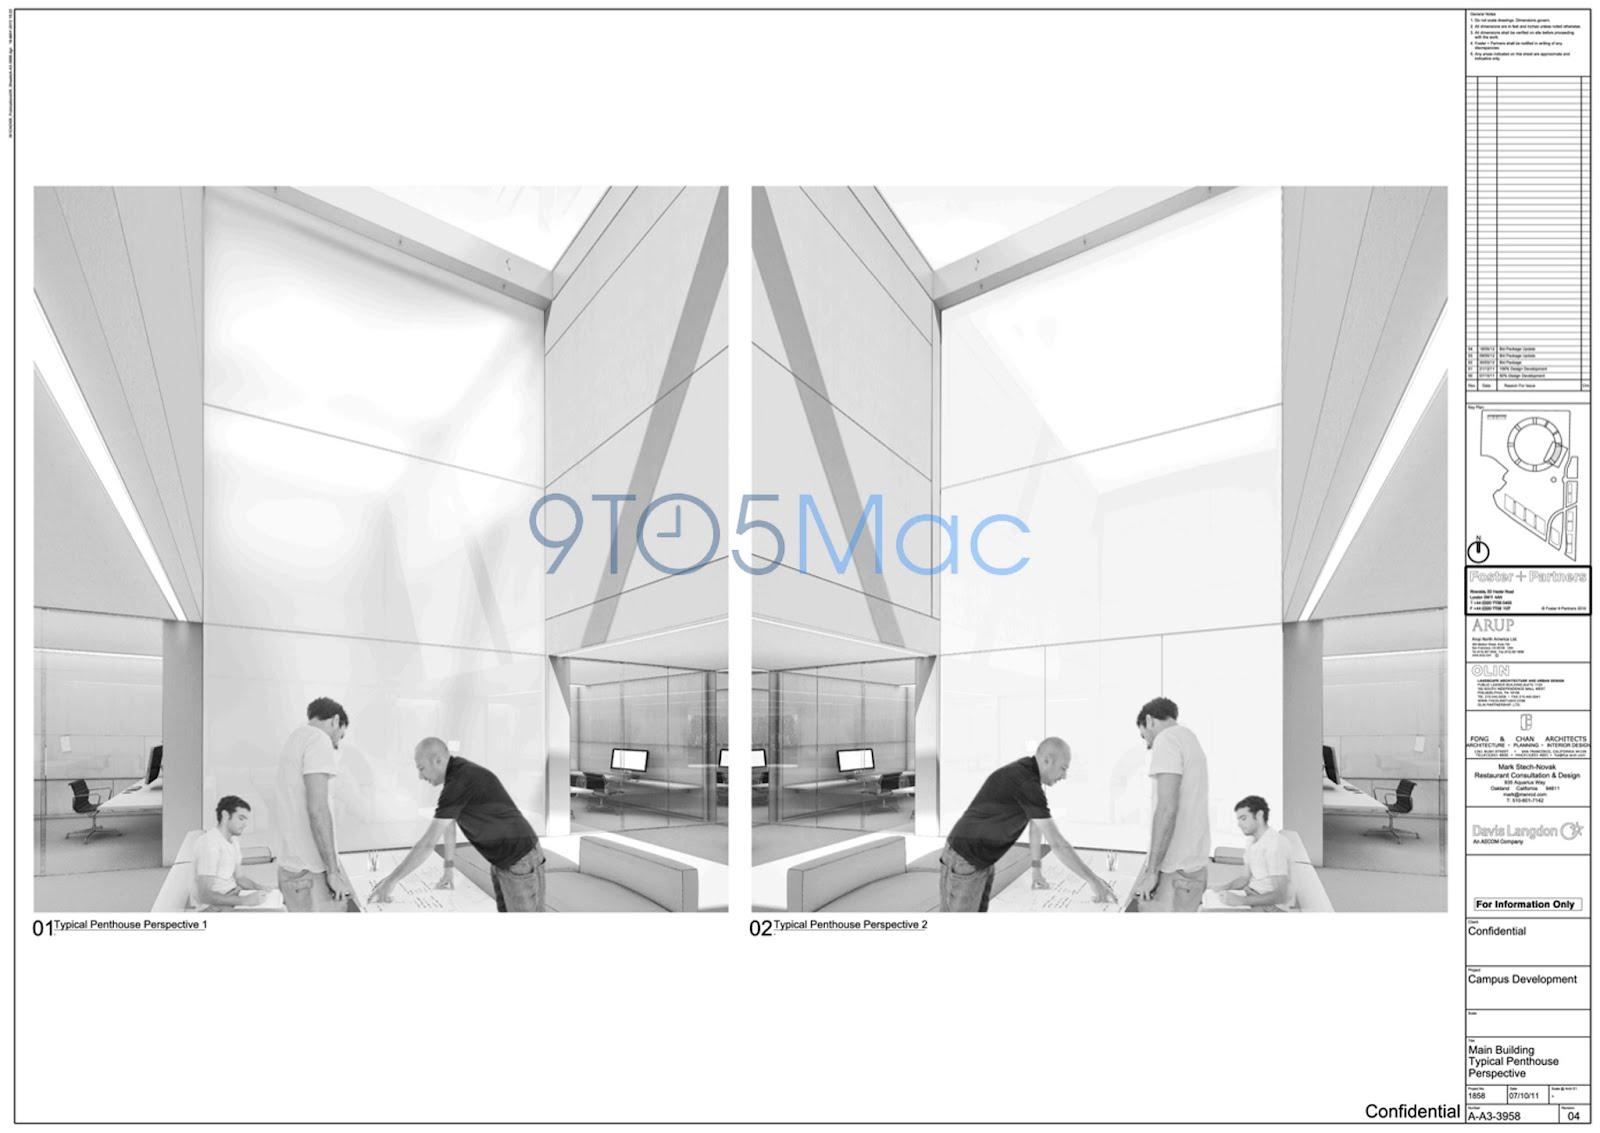 Noi imagini cu viitorul Campus Apple prezintă aspecte fantastice: ziduri de sticlă, un look SF